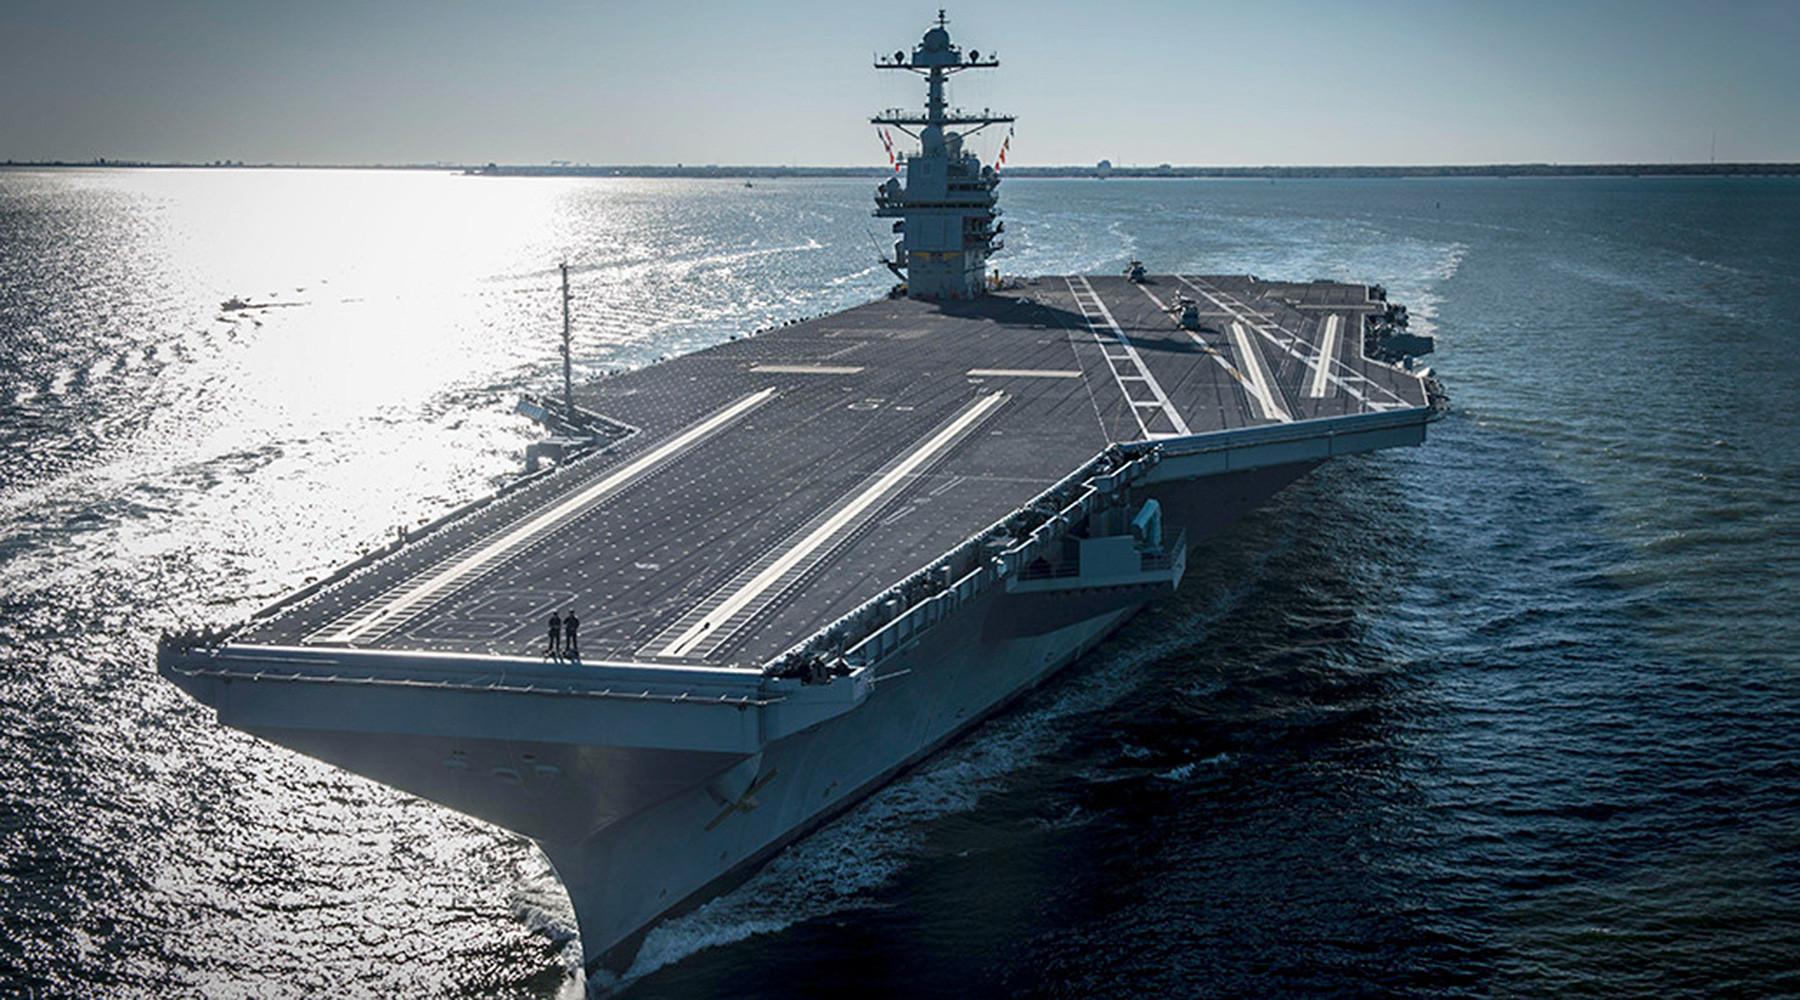 Траты вхолостую: военные проекты США, не оправдавшие вложенных средств